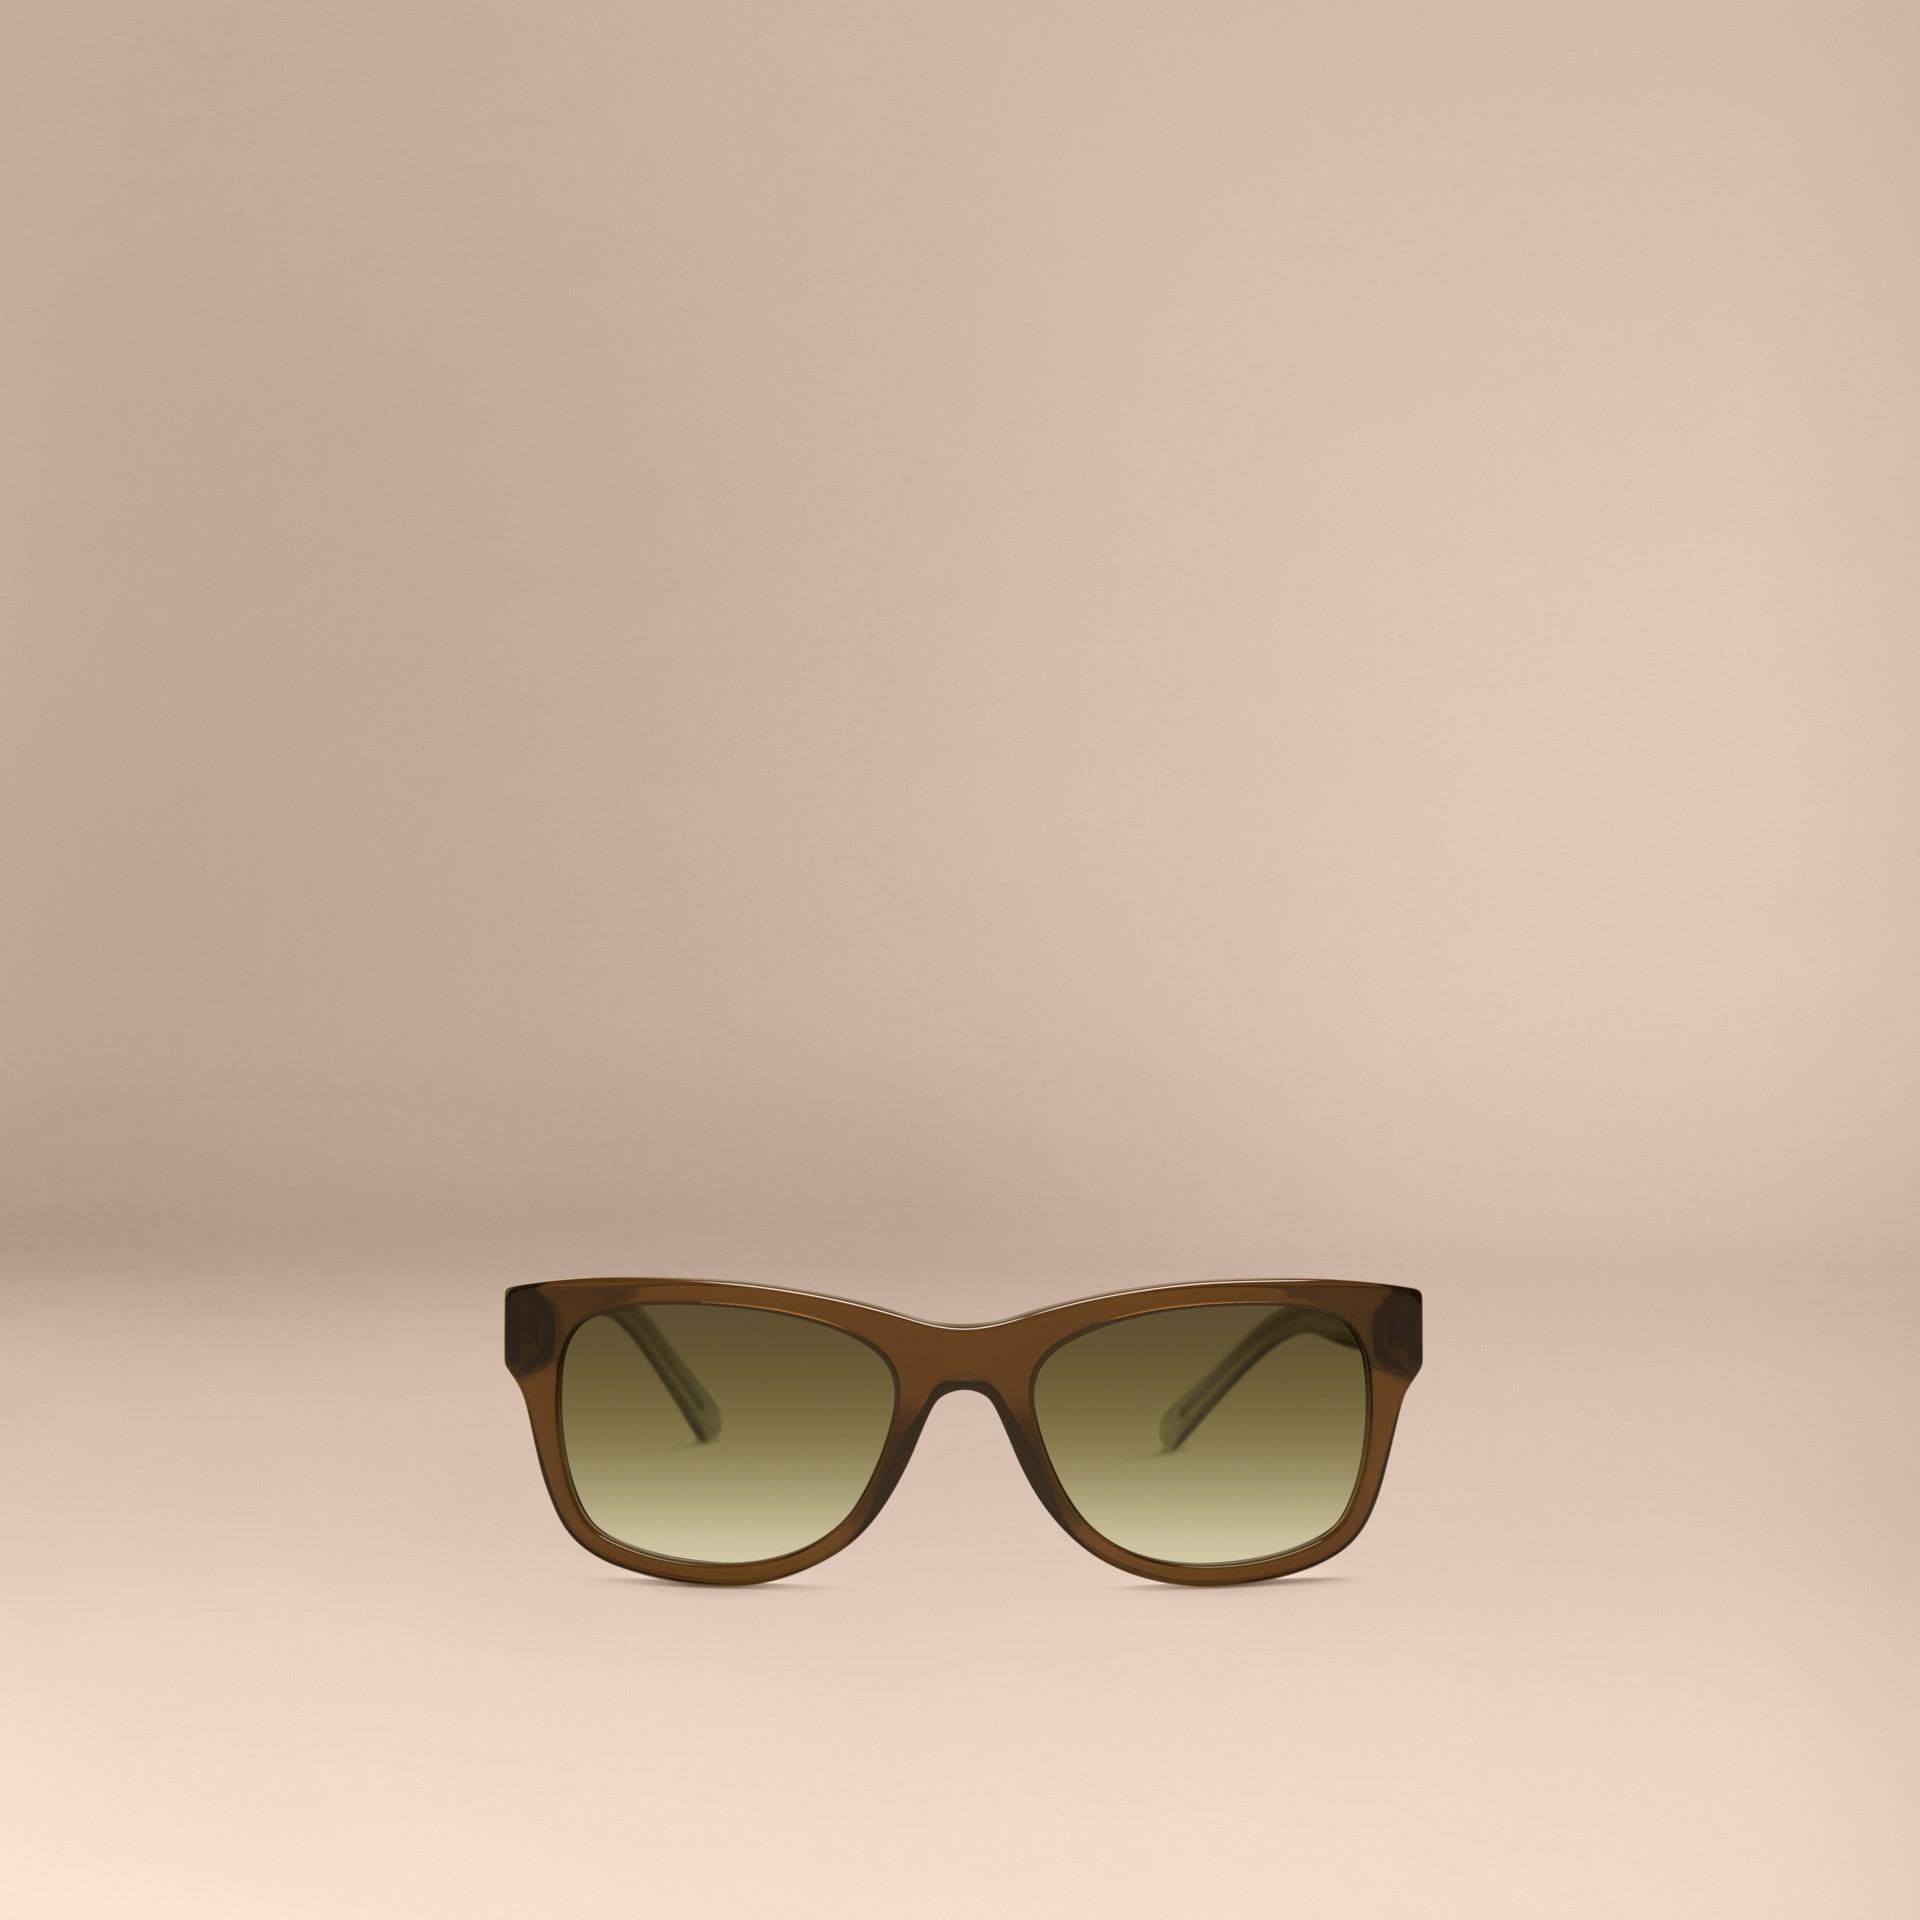 Verde oliva Óculos de sol com armação quadrada e detalhe xadrez Verde Oliva - galeria de imagens 3